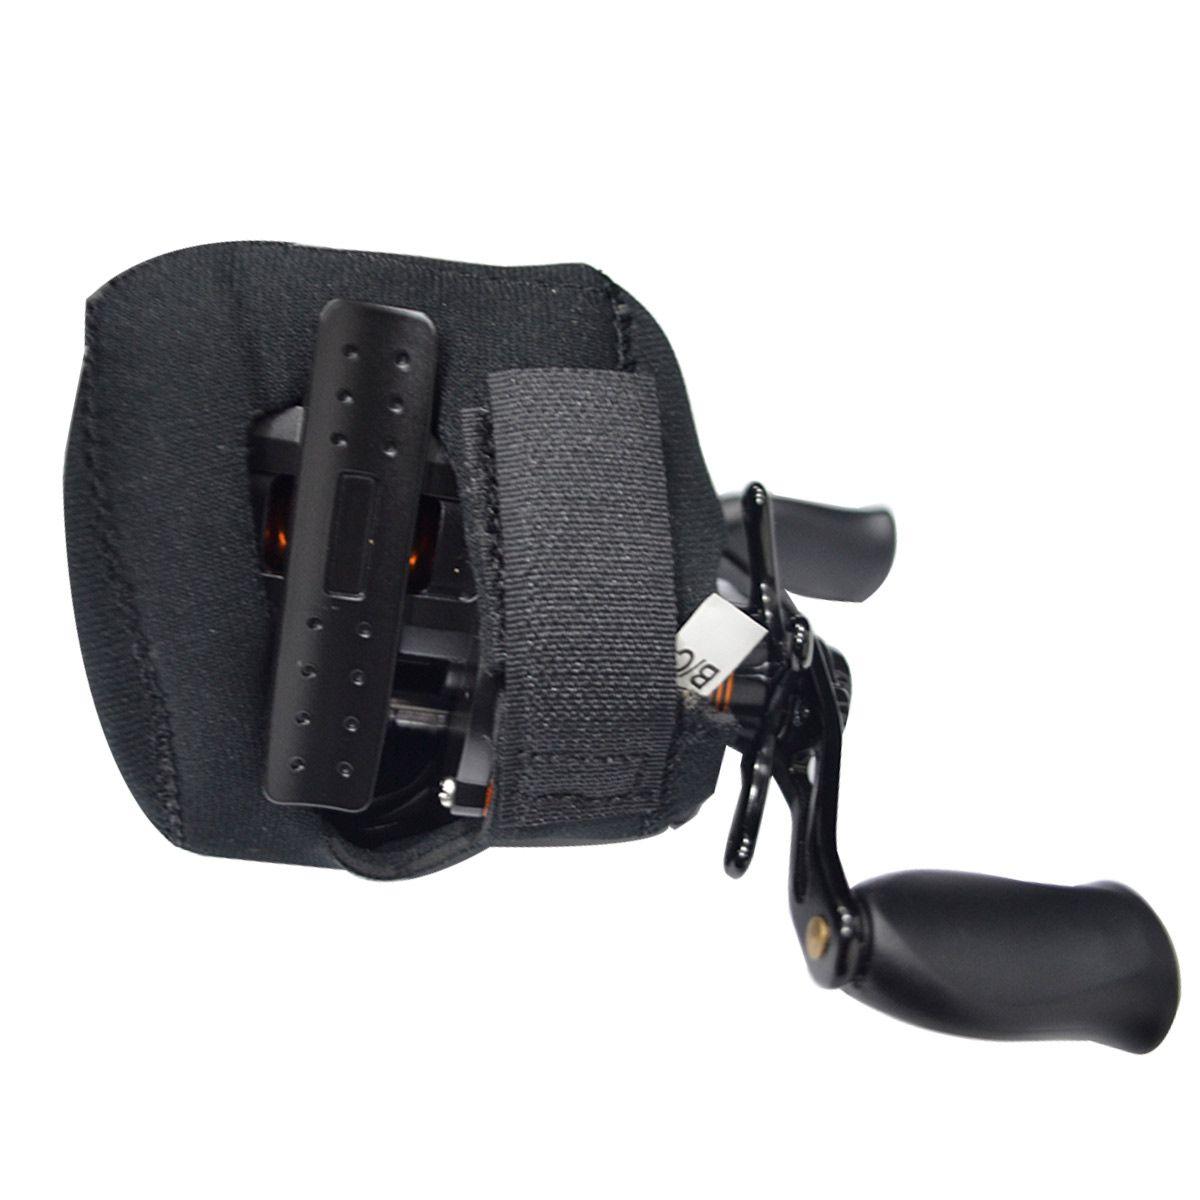 Capa protetora para carretilha Shimano ANRC820A-P